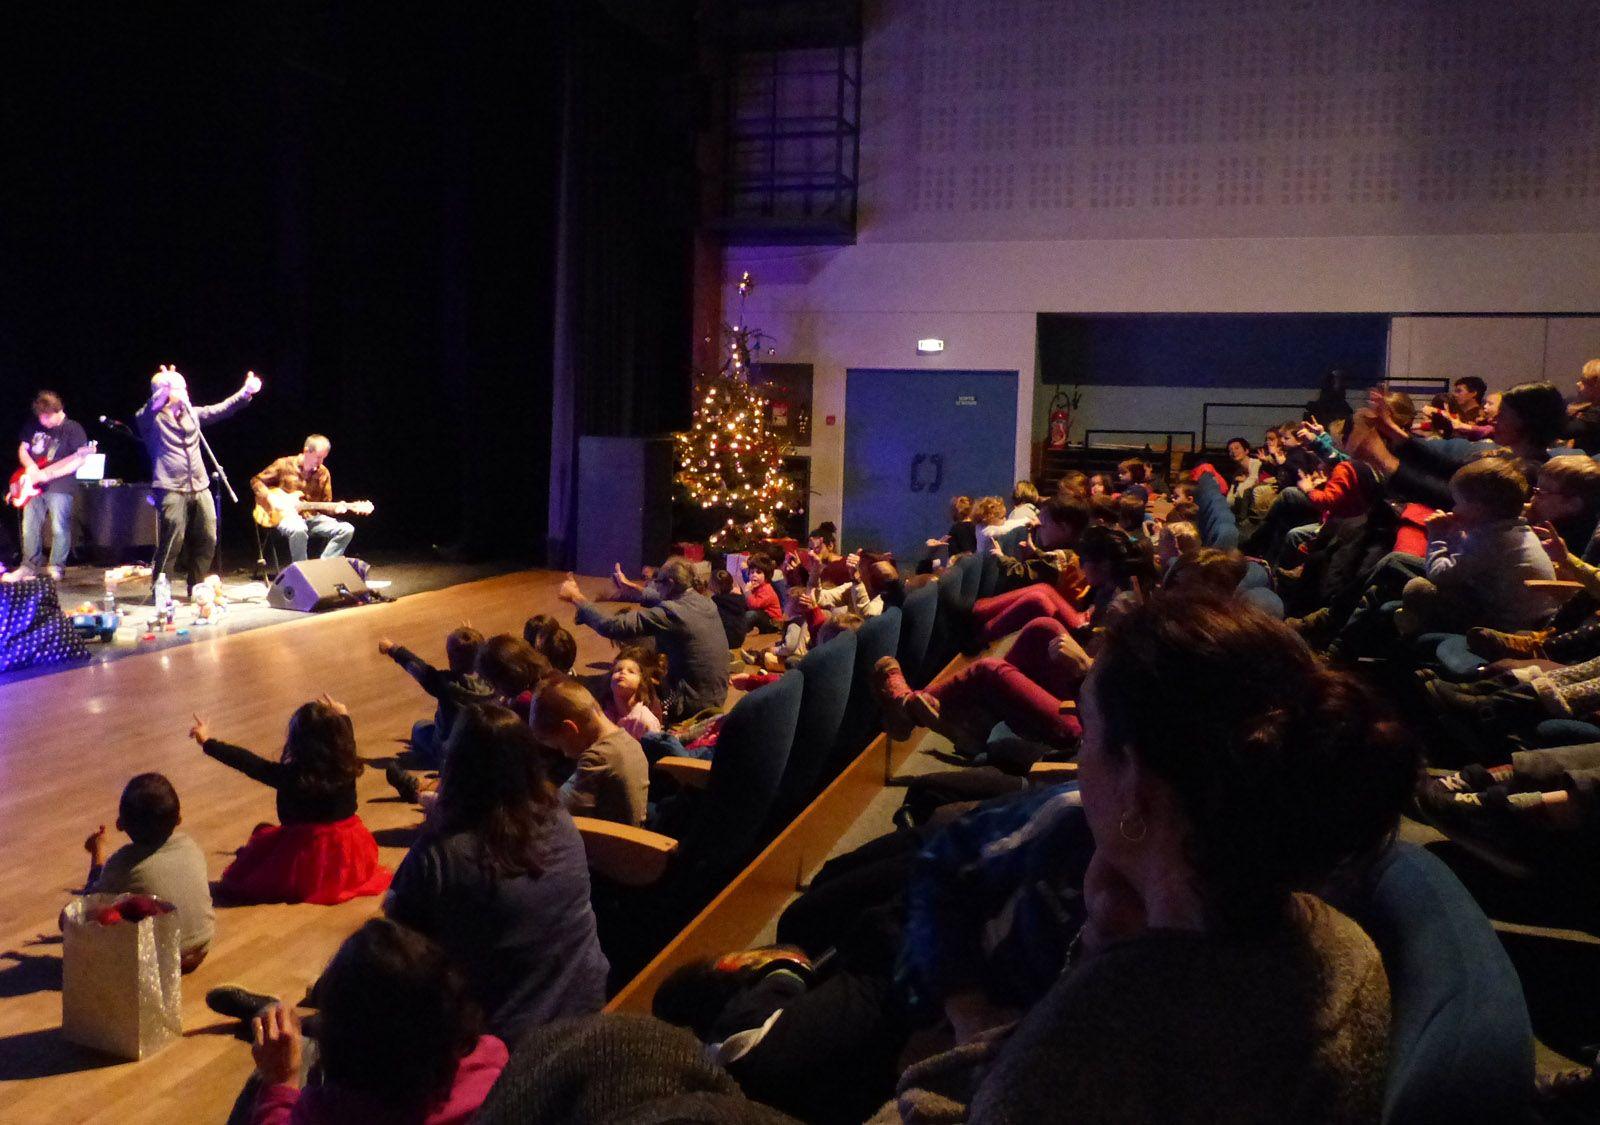 Le spectacle de Noël offert aux scolaires par la ville